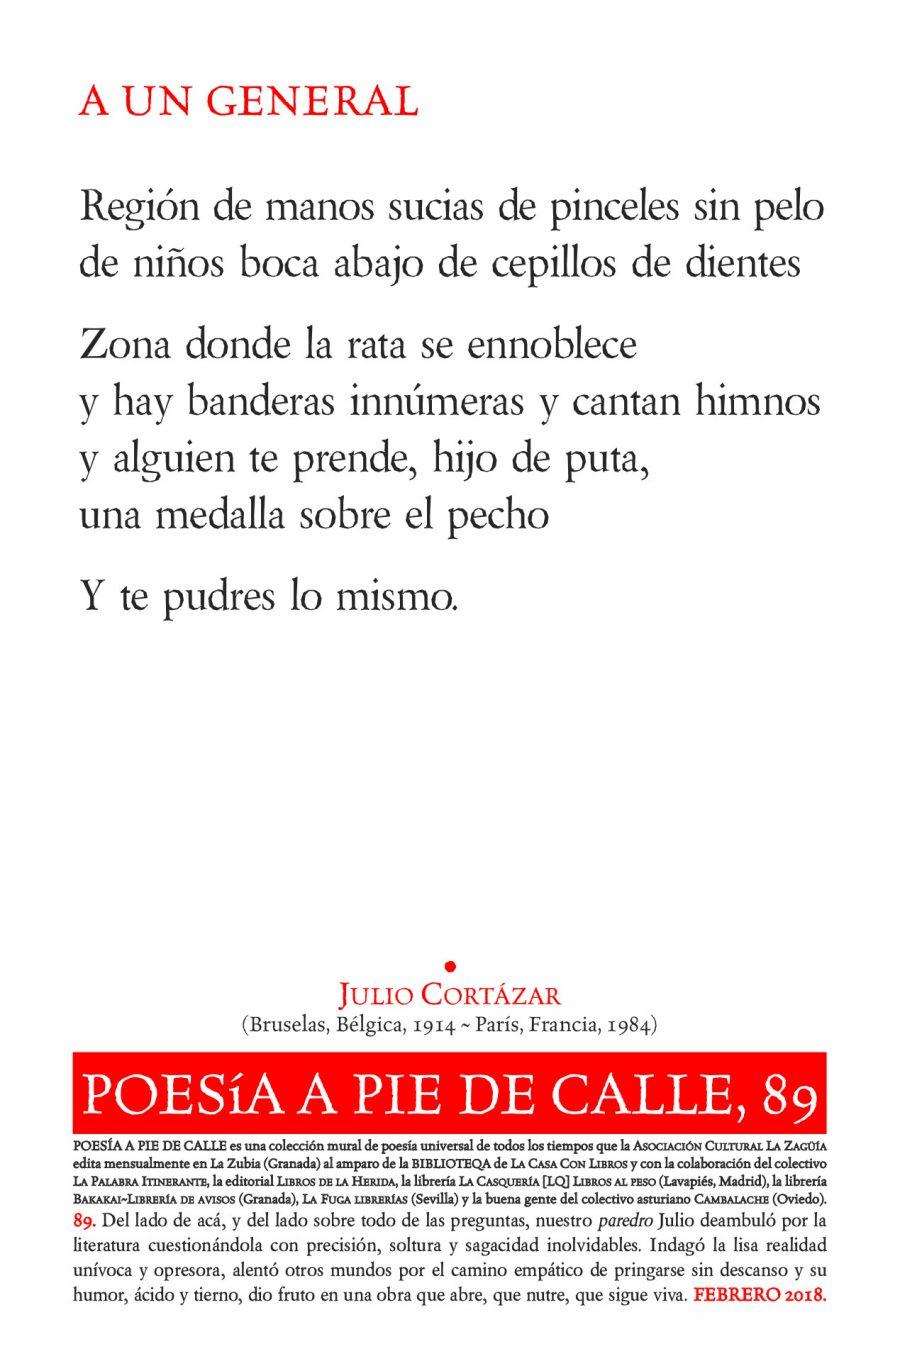 POESÍA A PIE DE CALLE, 89: A UN GENERAL, DE JULIO CORTÁZAR